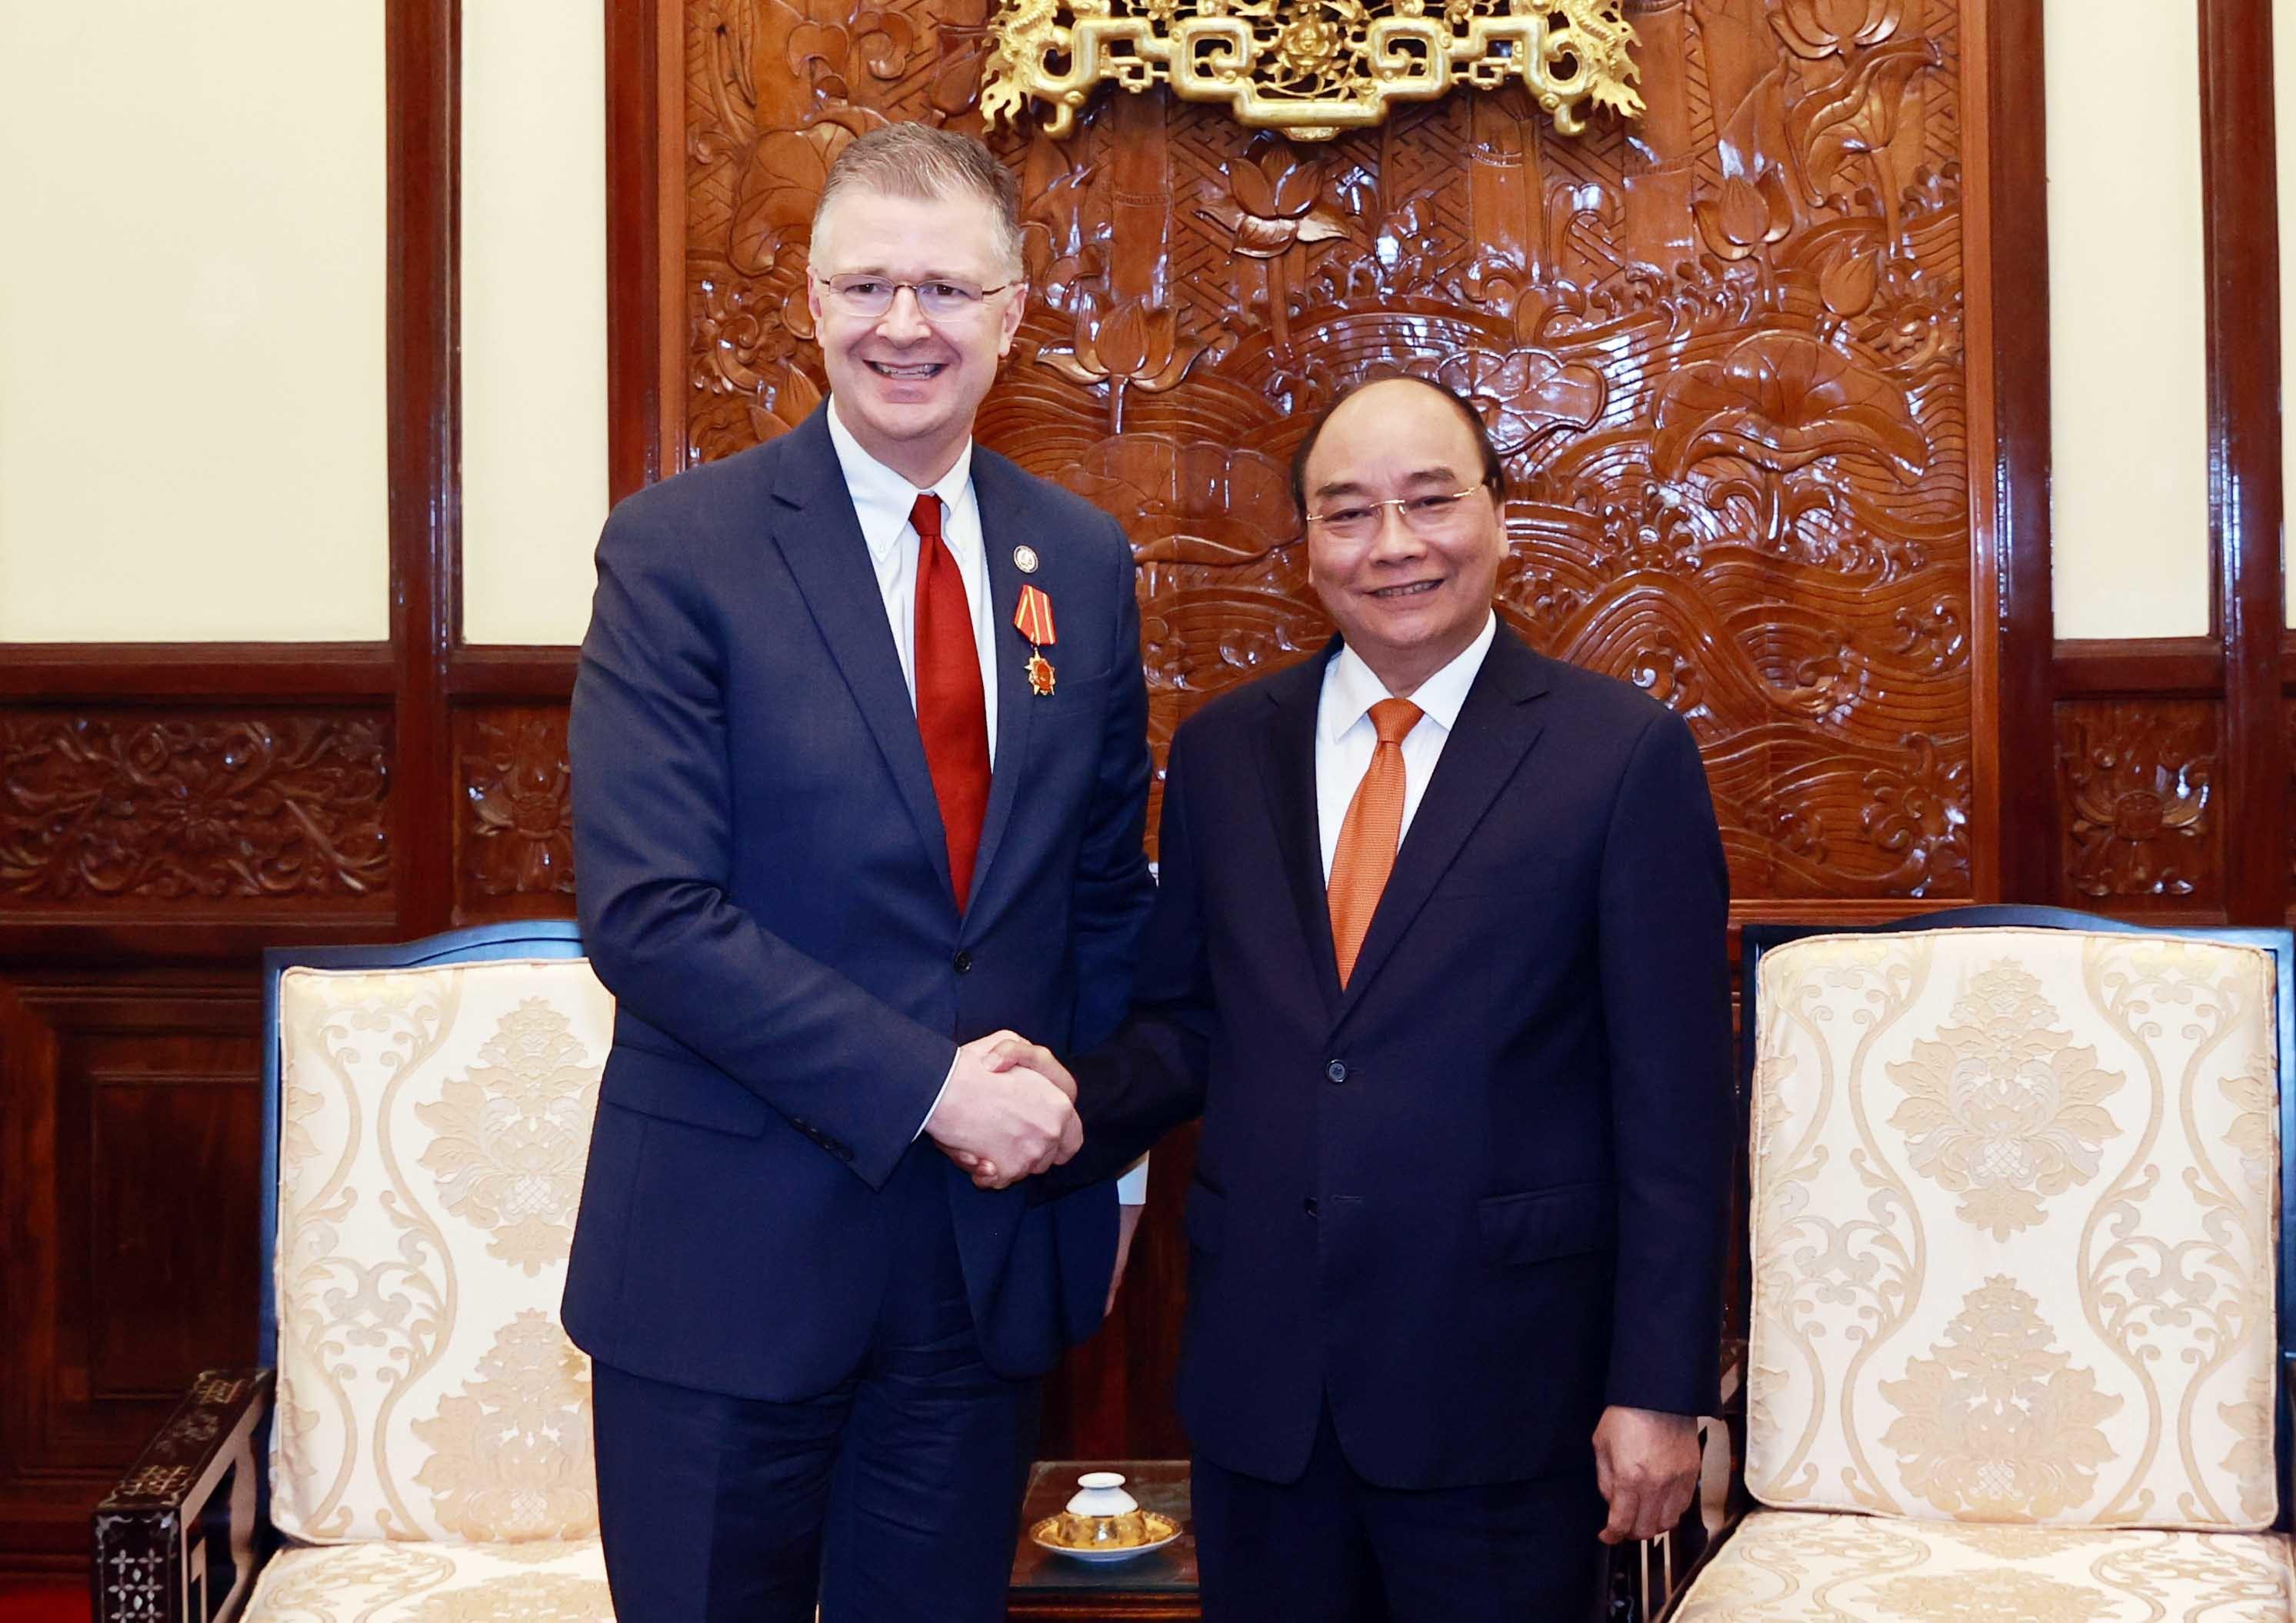 Đại sứ Mỹ gặp Chủ tịch nước Nguyễn Xuân Phúc chào từ biệt